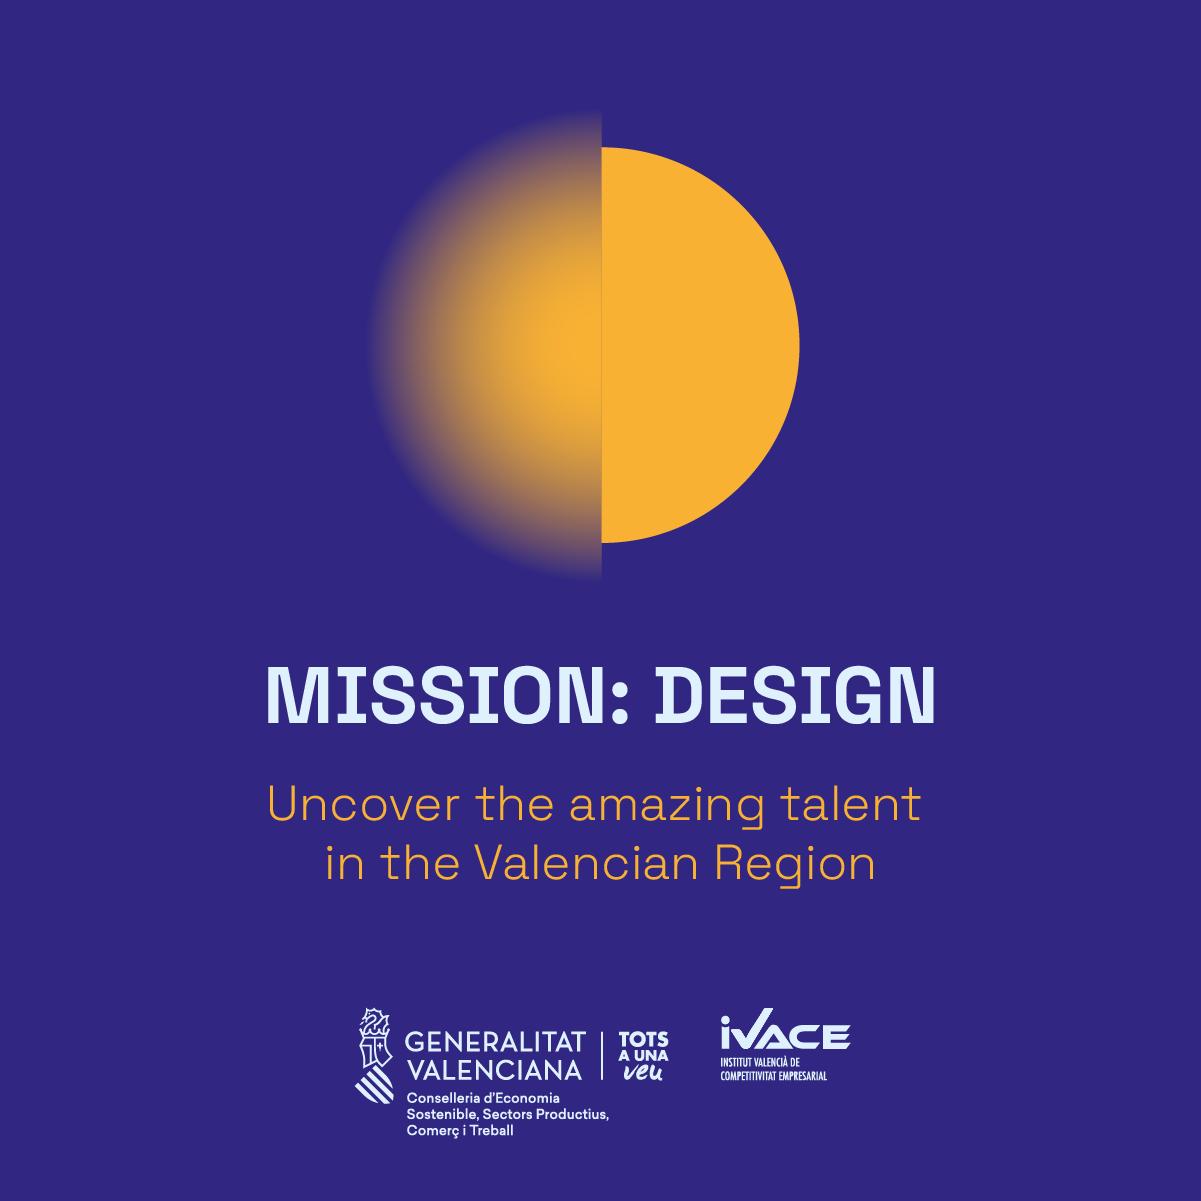 El Ivace organiza una misión virtual al Reino Unido para apoyar la internacionalización de empresas de diseño